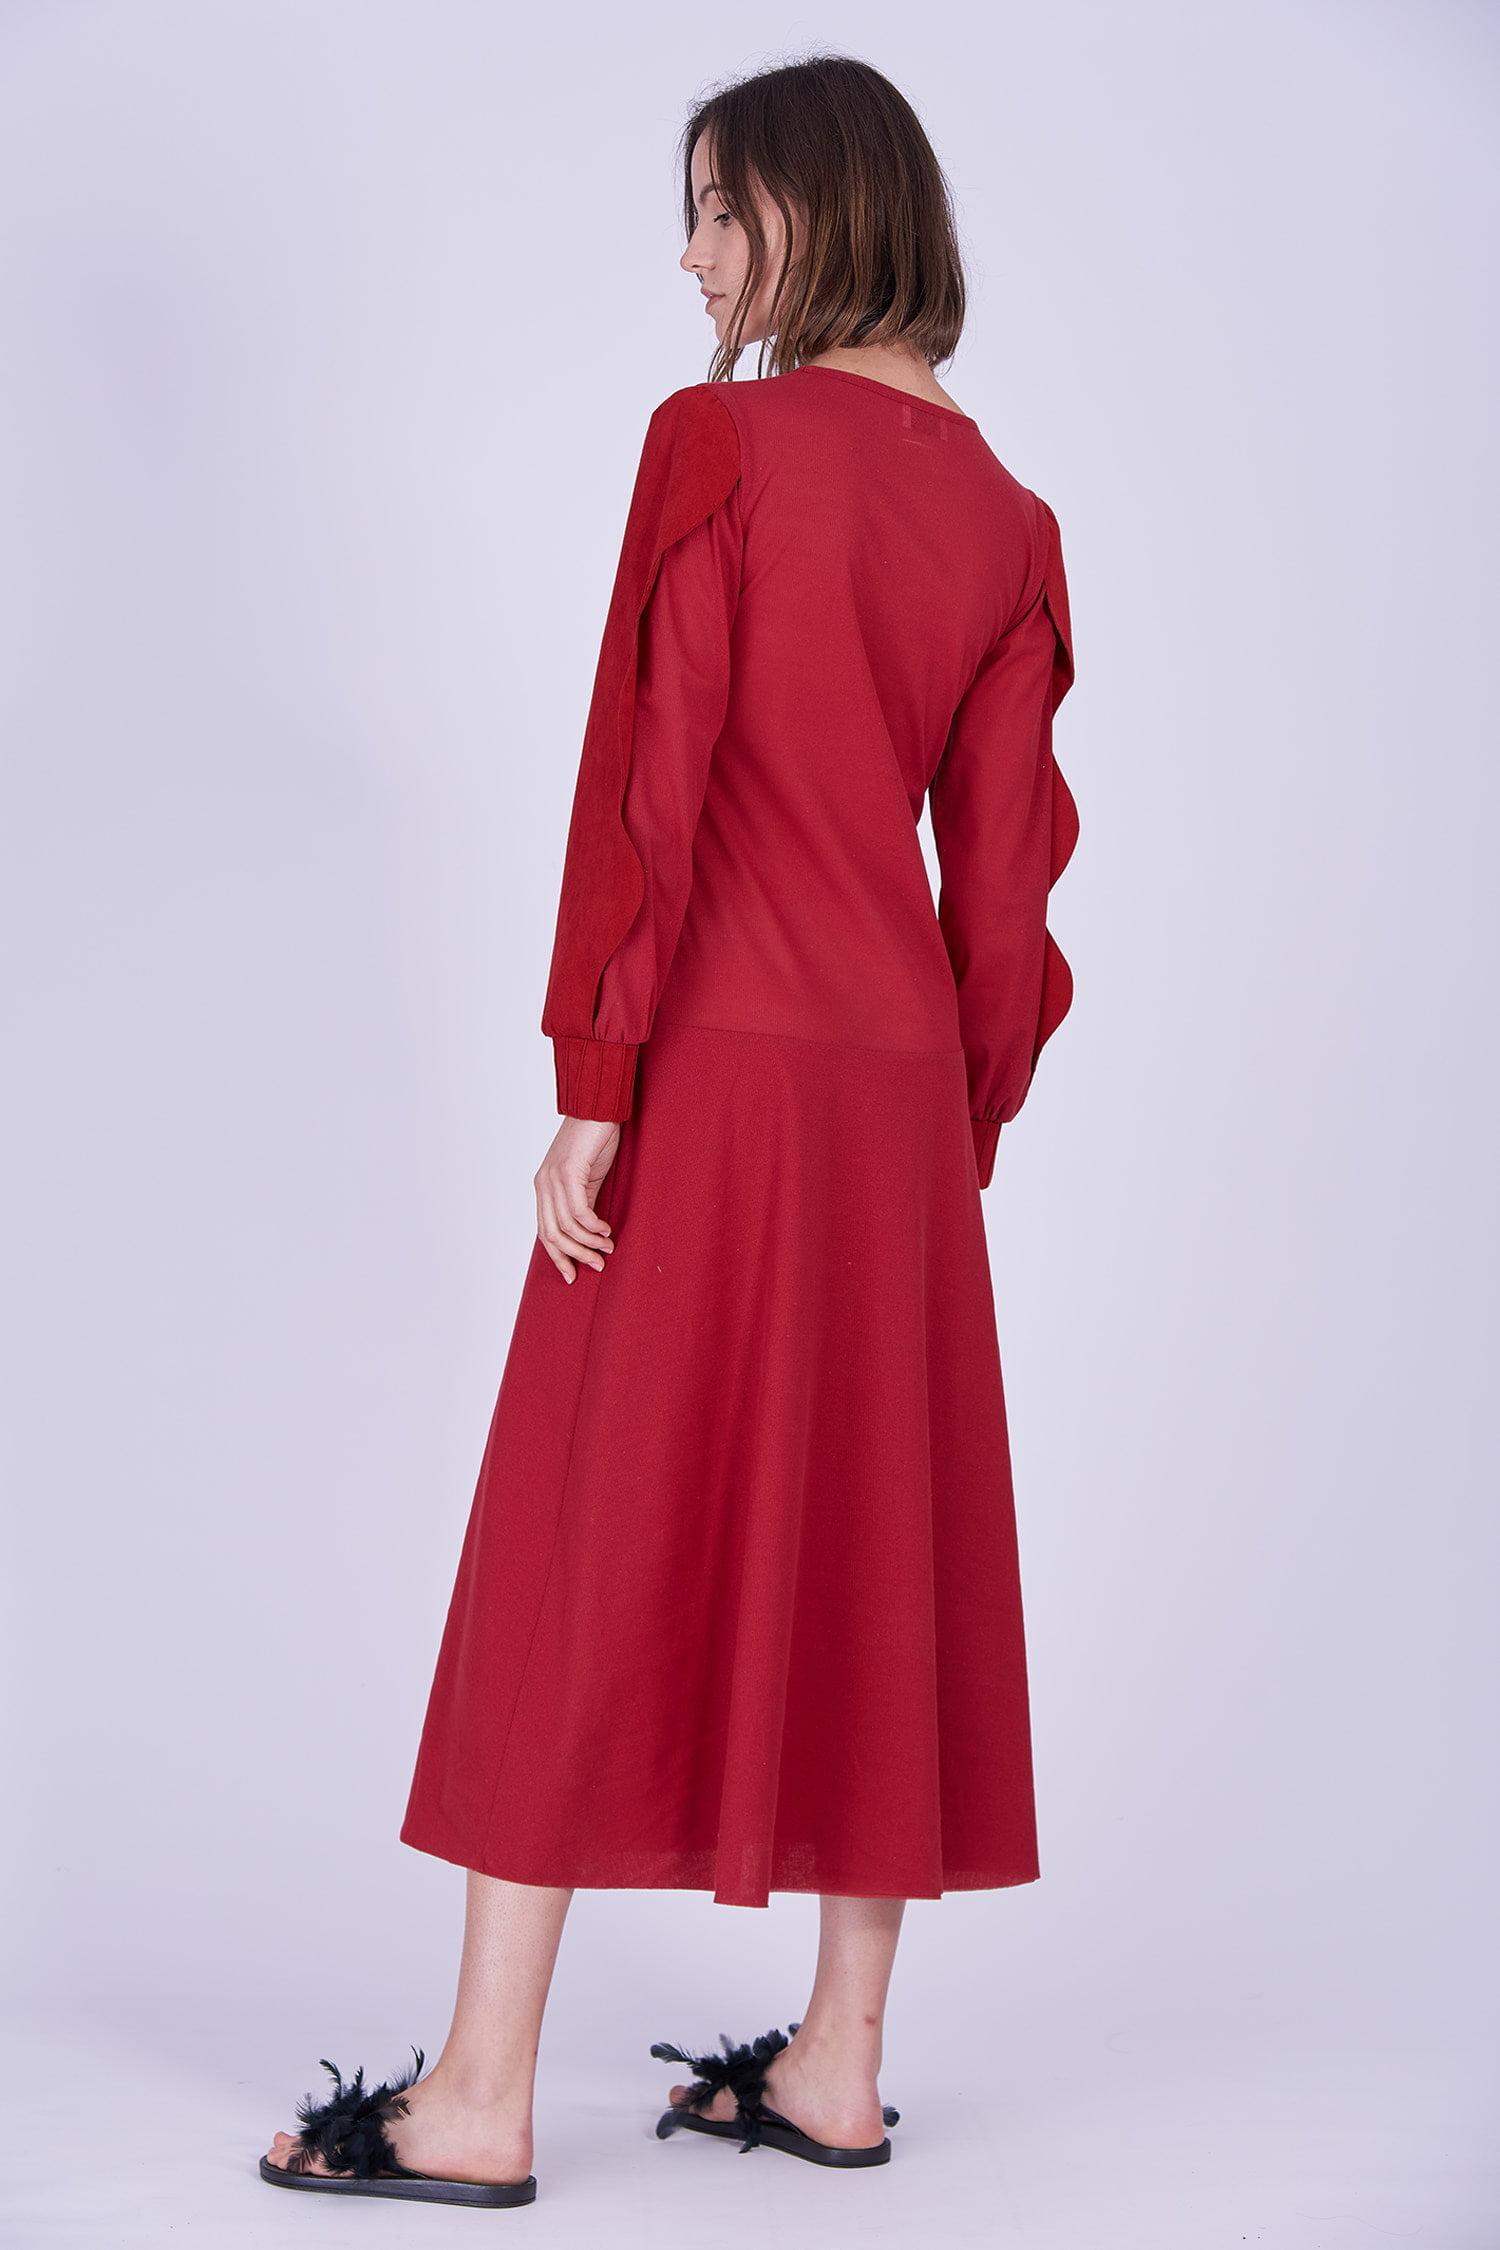 Acephala Ps2020 Red Maxi Evening Dress Czerwona Suknia Wieczorowa Side Back